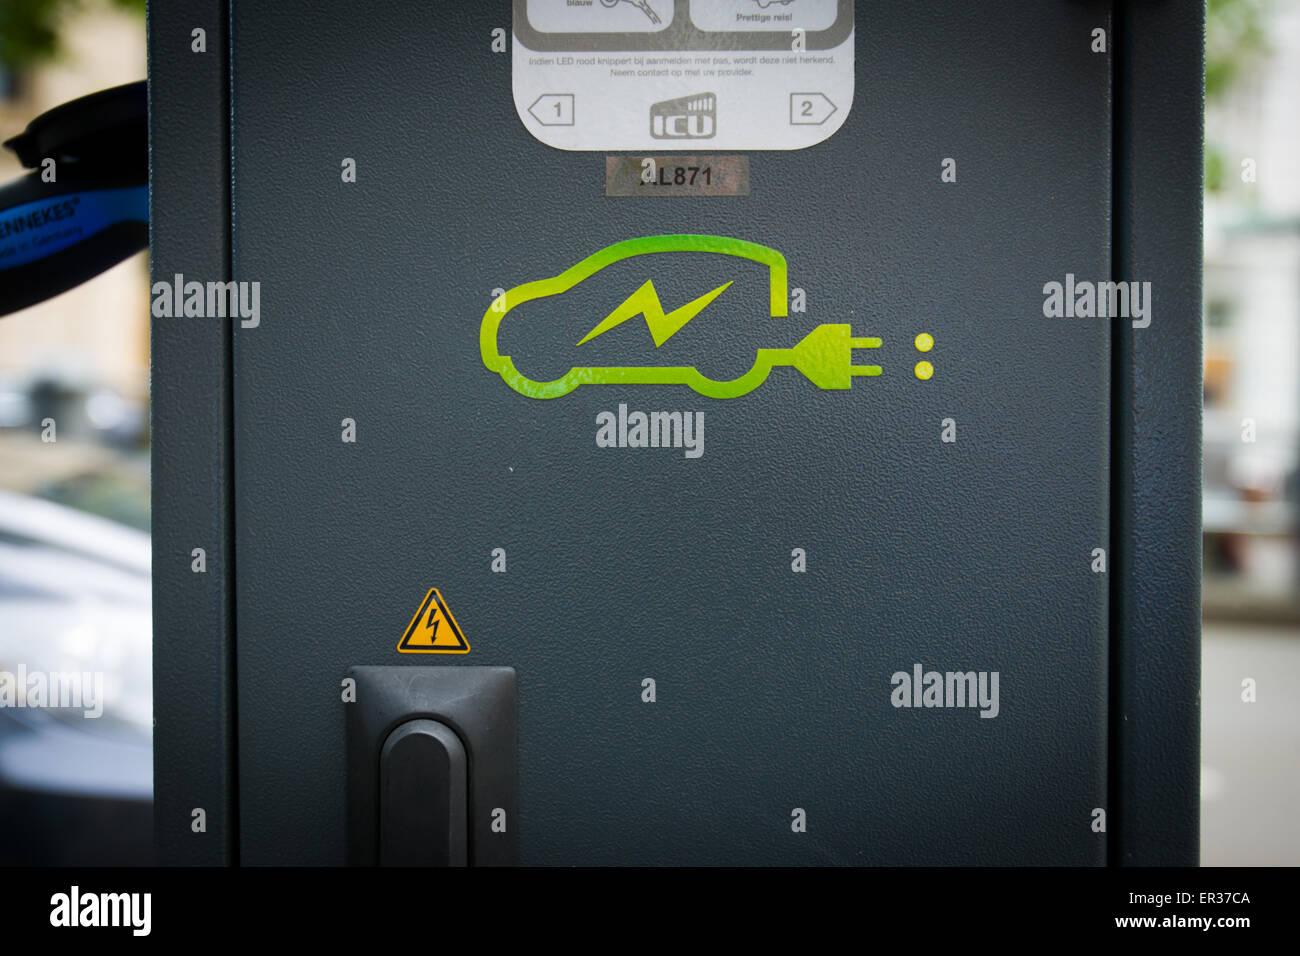 DEN HAAG - Een Tesla staat verbonden aan een oplaadsnoer. De fabrikant van de auto, Tesla motors heeft vrijdag in - Stock Image